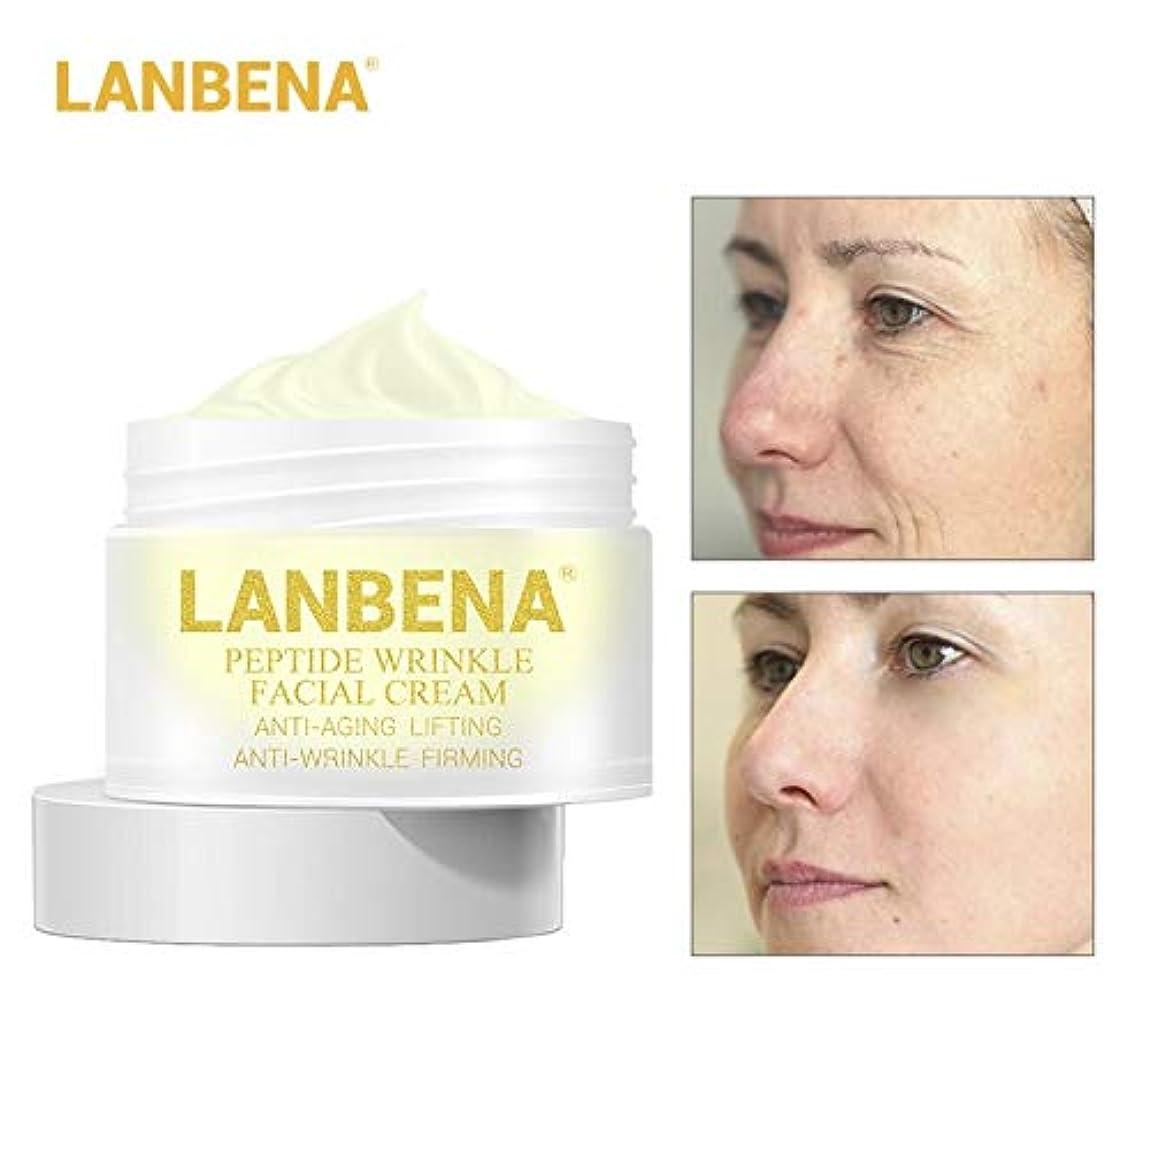 清めるパブ単にフェイスクリームケア鼻唇溝ディープ水分補給フェイシャルクリームを-firming LANBENAブランドペプチドアンチしわ